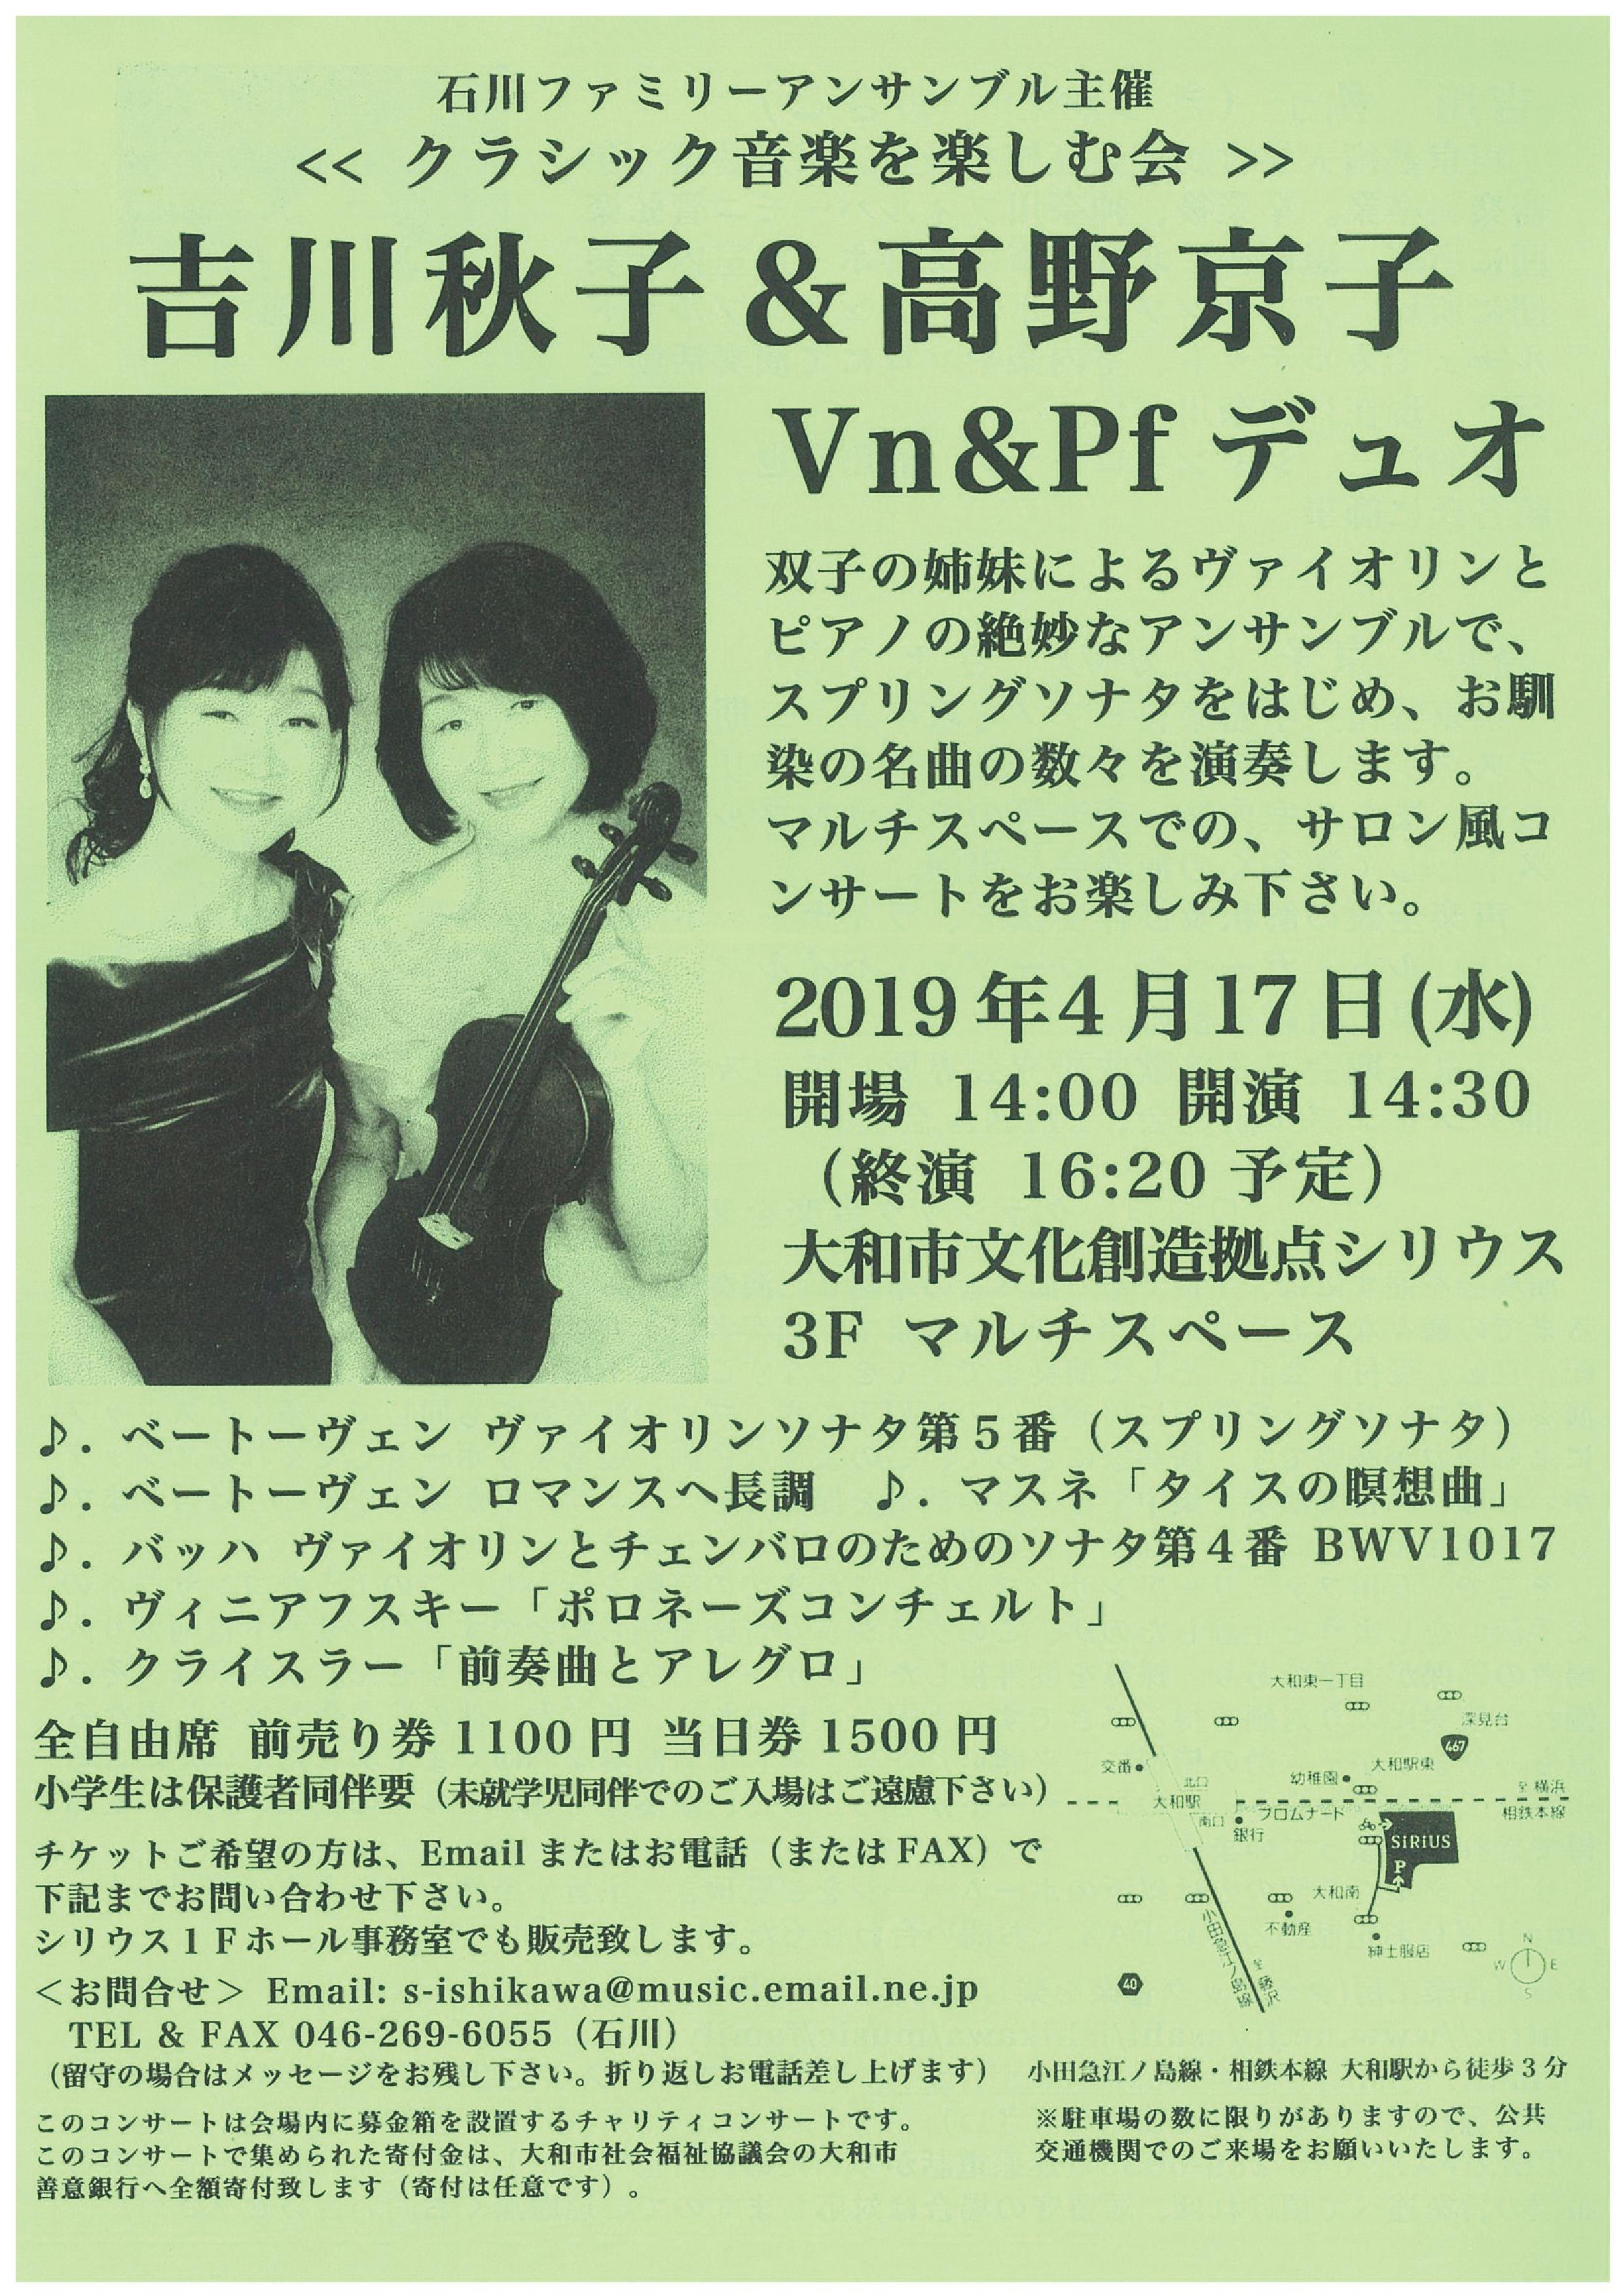 吉川秋子&高野京子 Vn&Pf デュオ